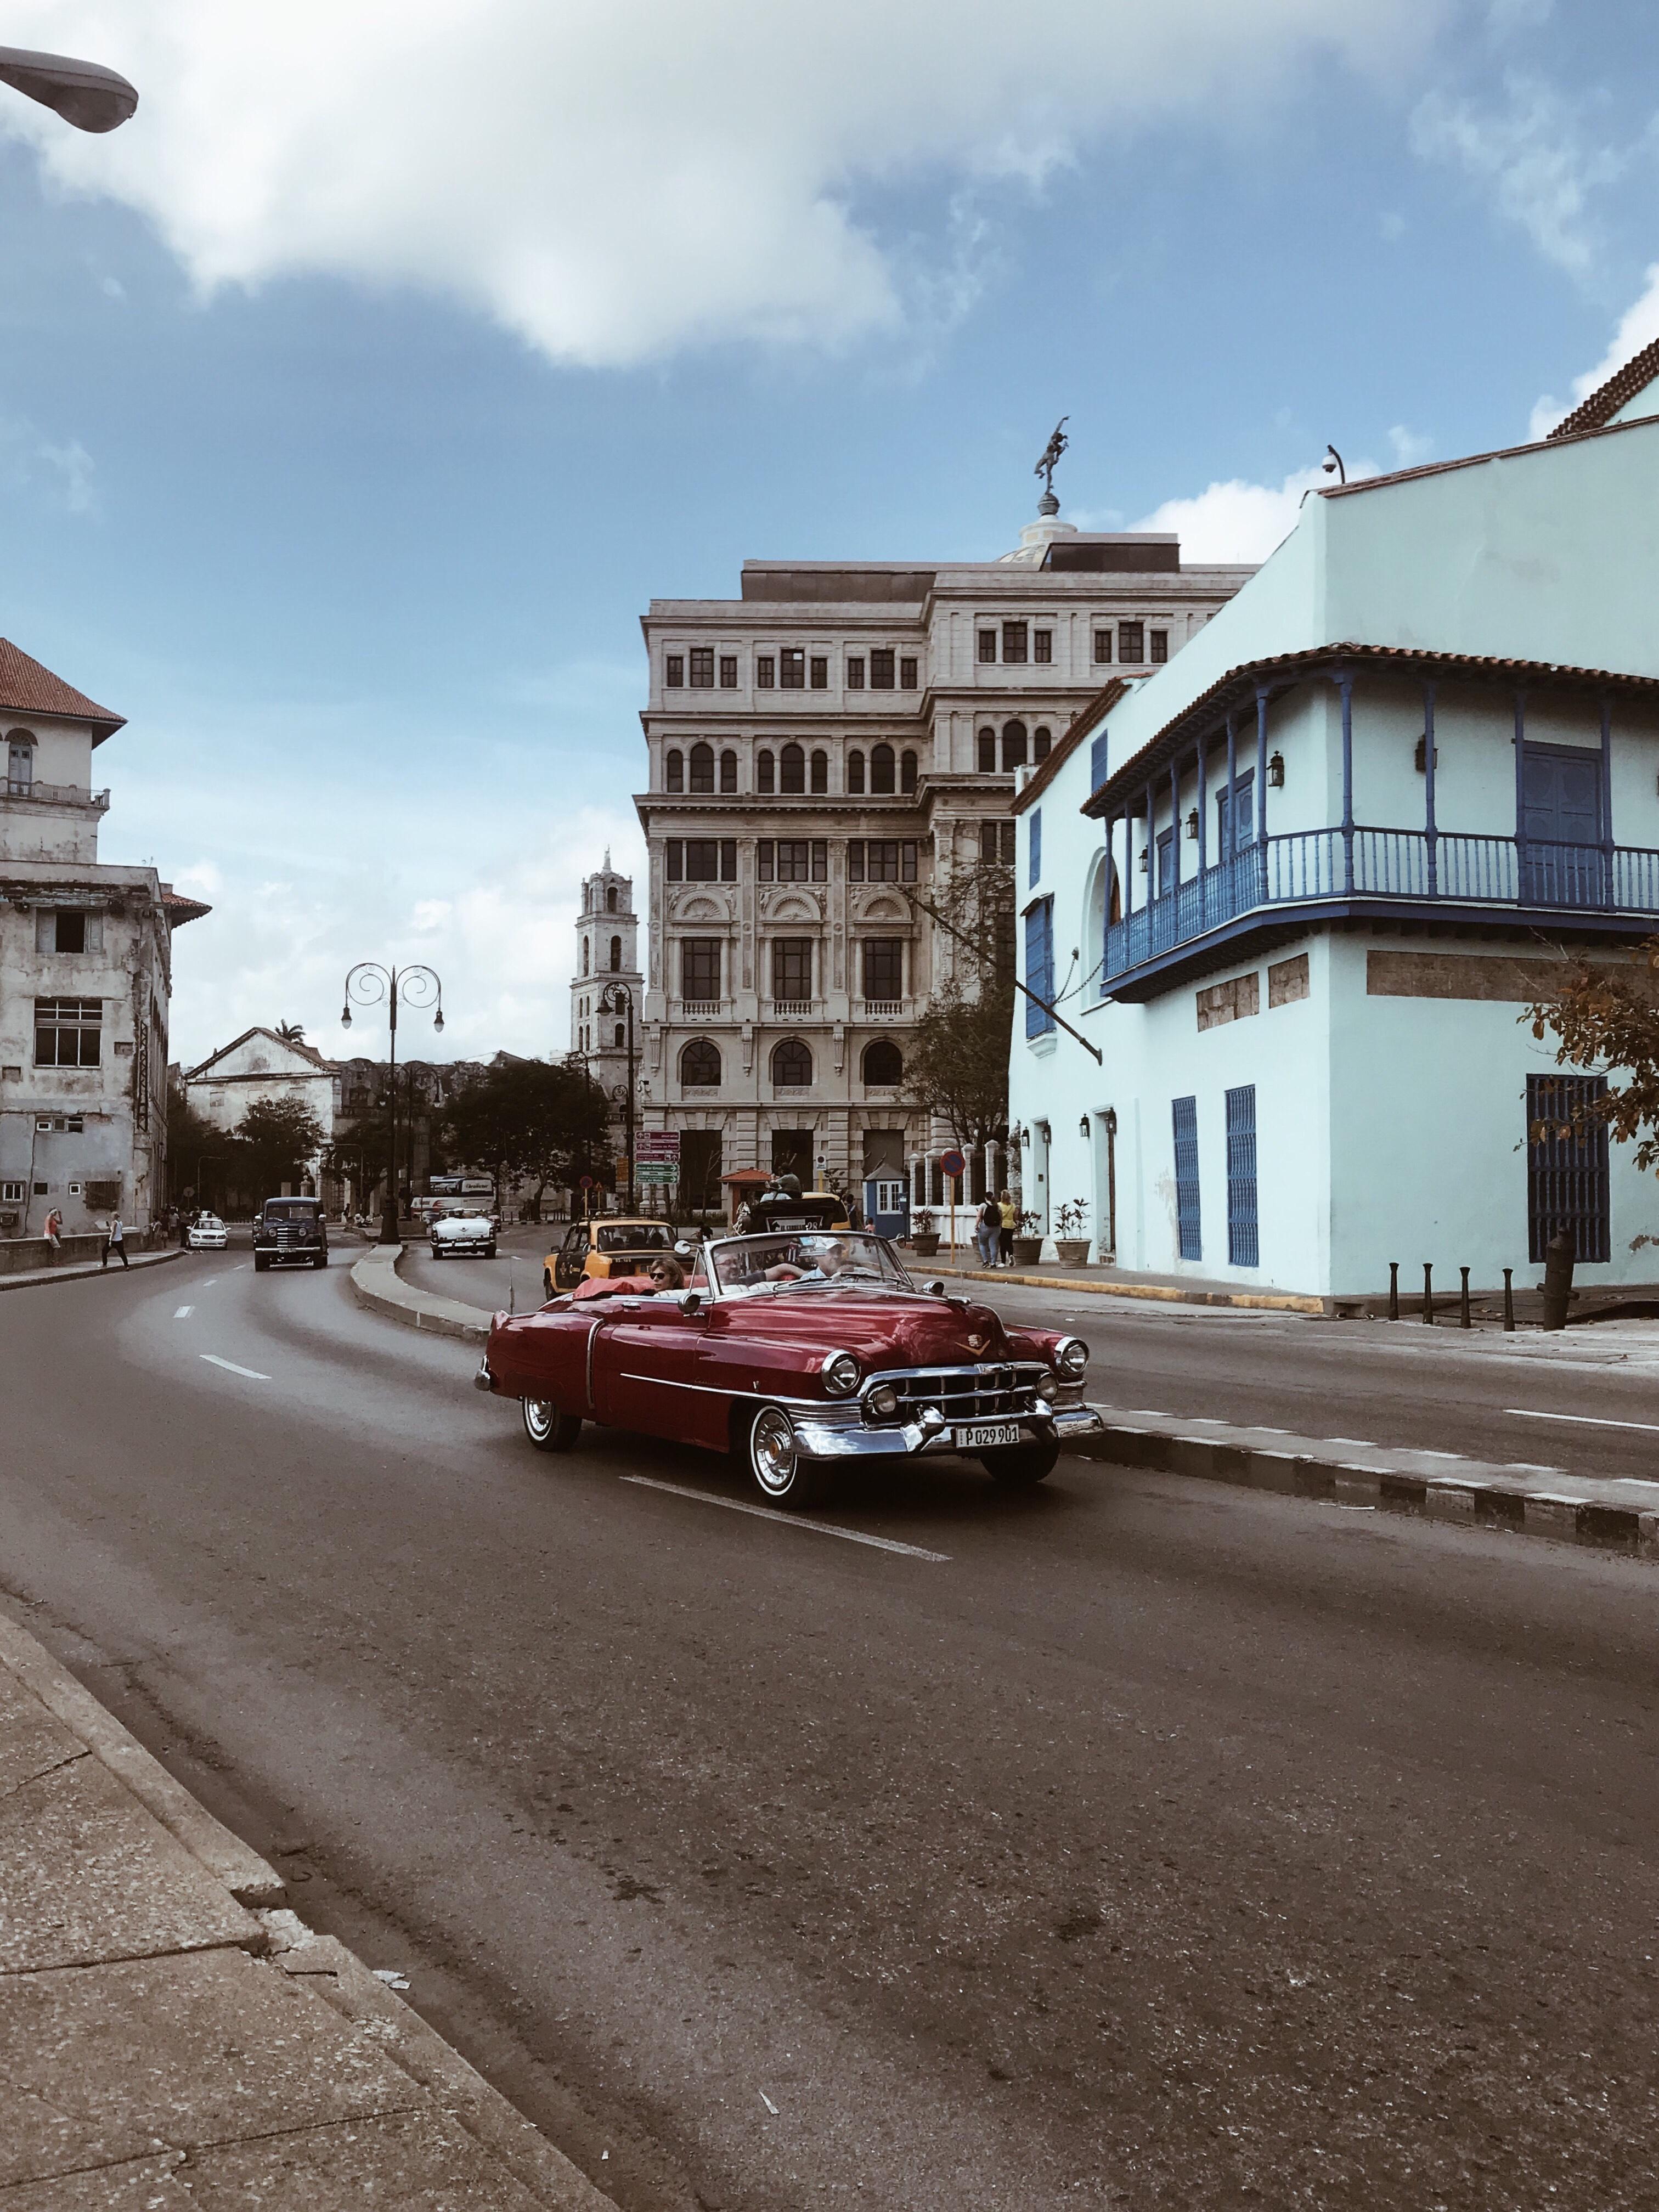 Things Havana taught me.